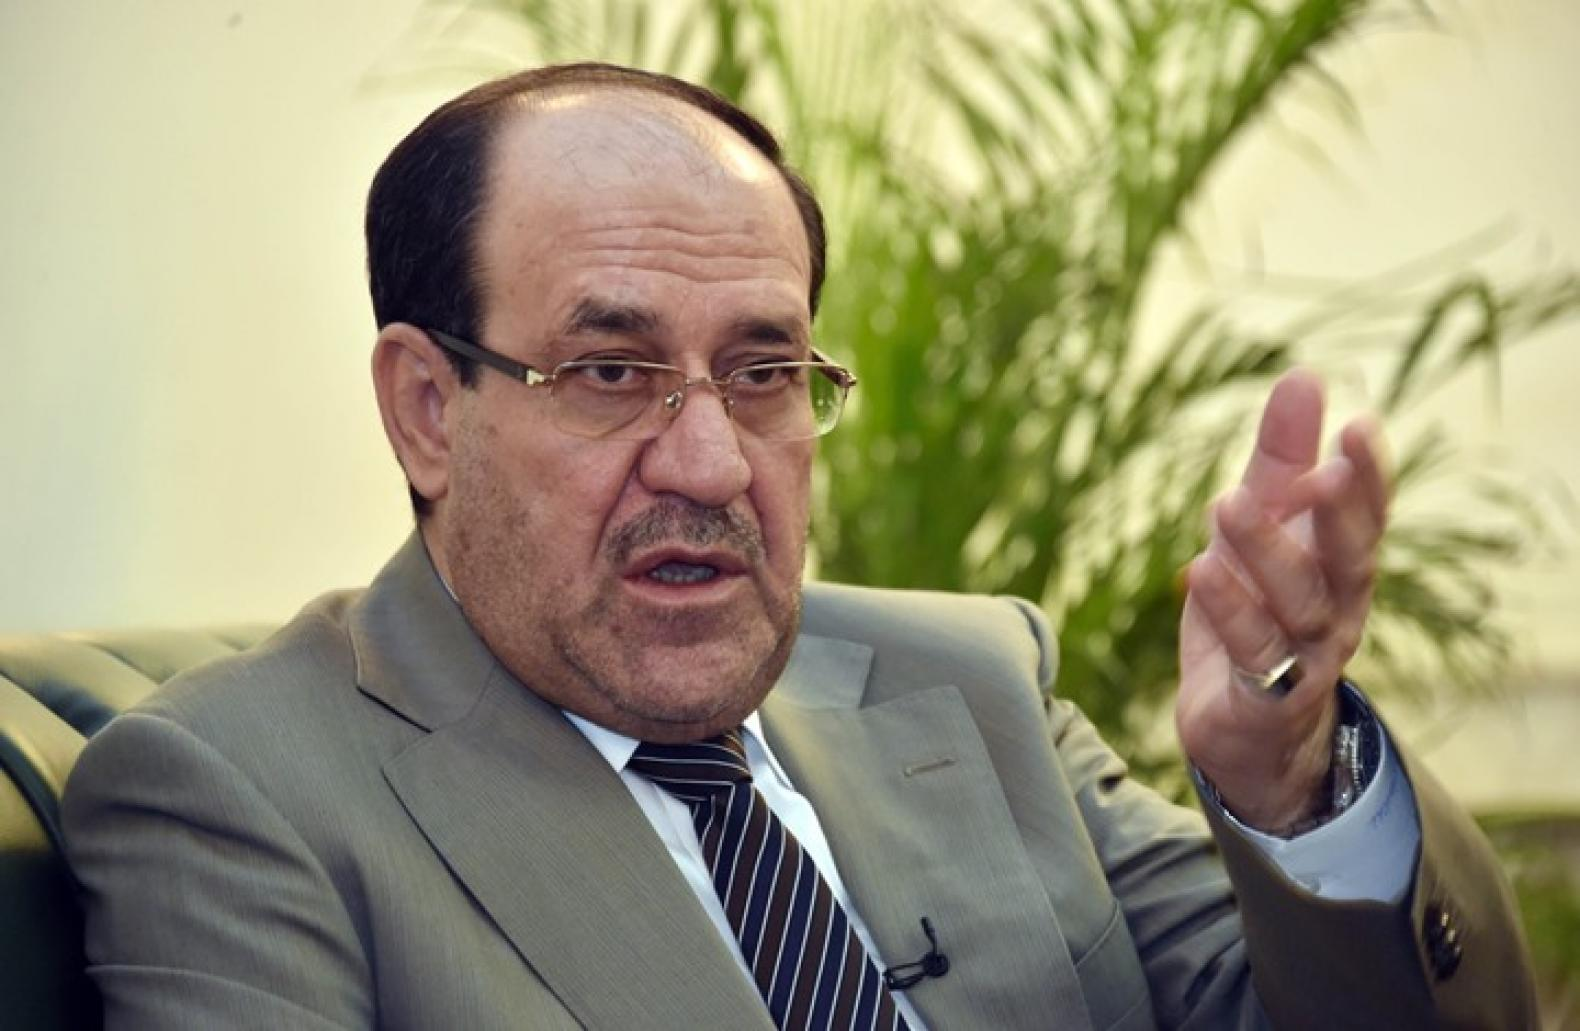 منتقداً كل الاطراف .. المالكي: على اقليم كردستان  التقدم نحو الحكومة ويتفاعل معها